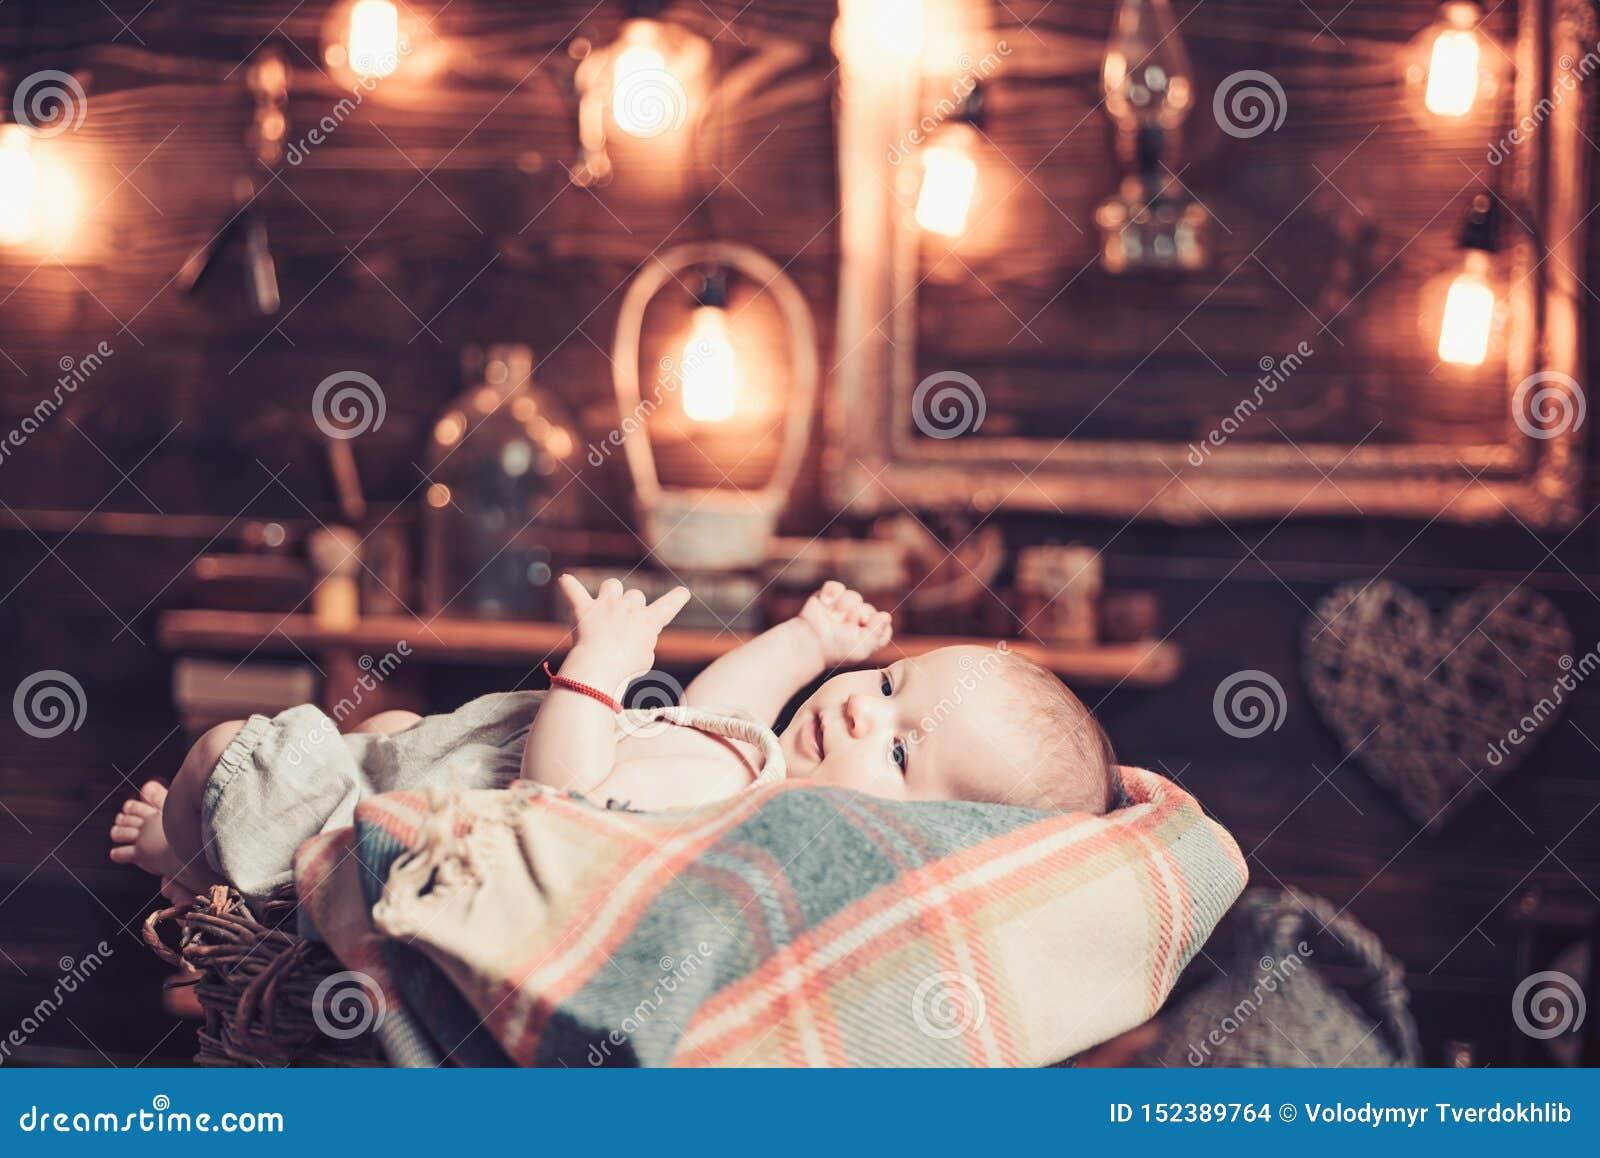 Foto linda Familia Cuidado de ni?os El d?a de los ni?os ni?ez y felicidad Peque?a muchacha con la cara linda parenting Dulce